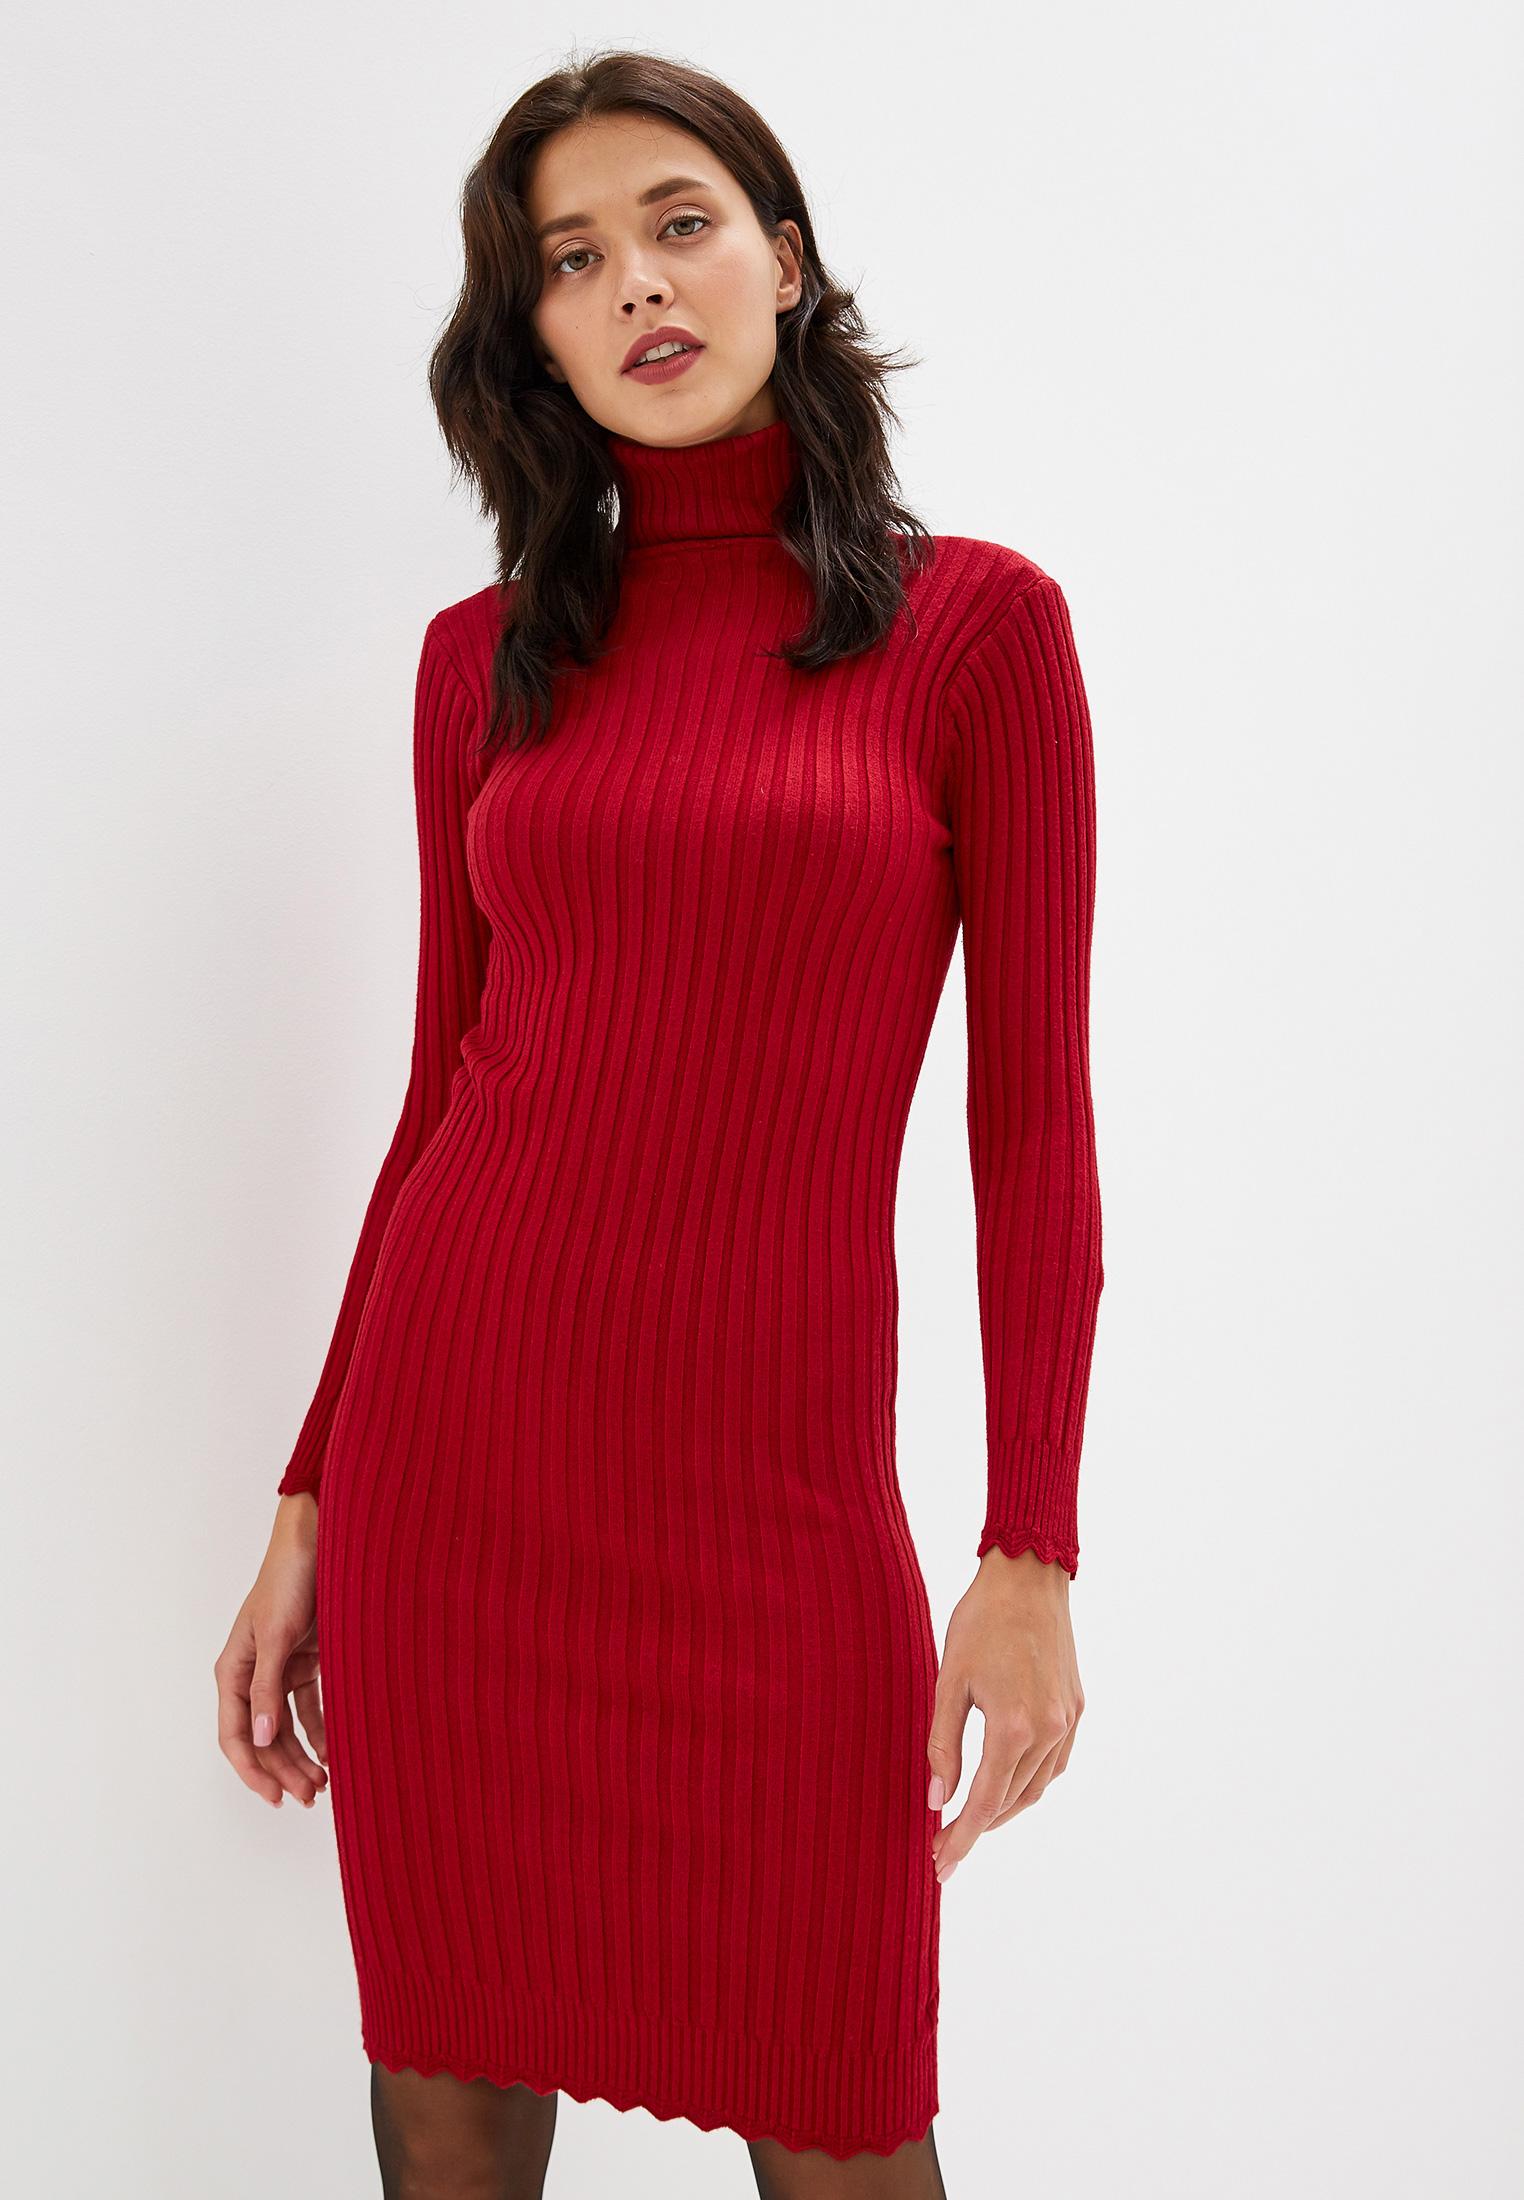 Вязаное платье Izabella IZ5450-8